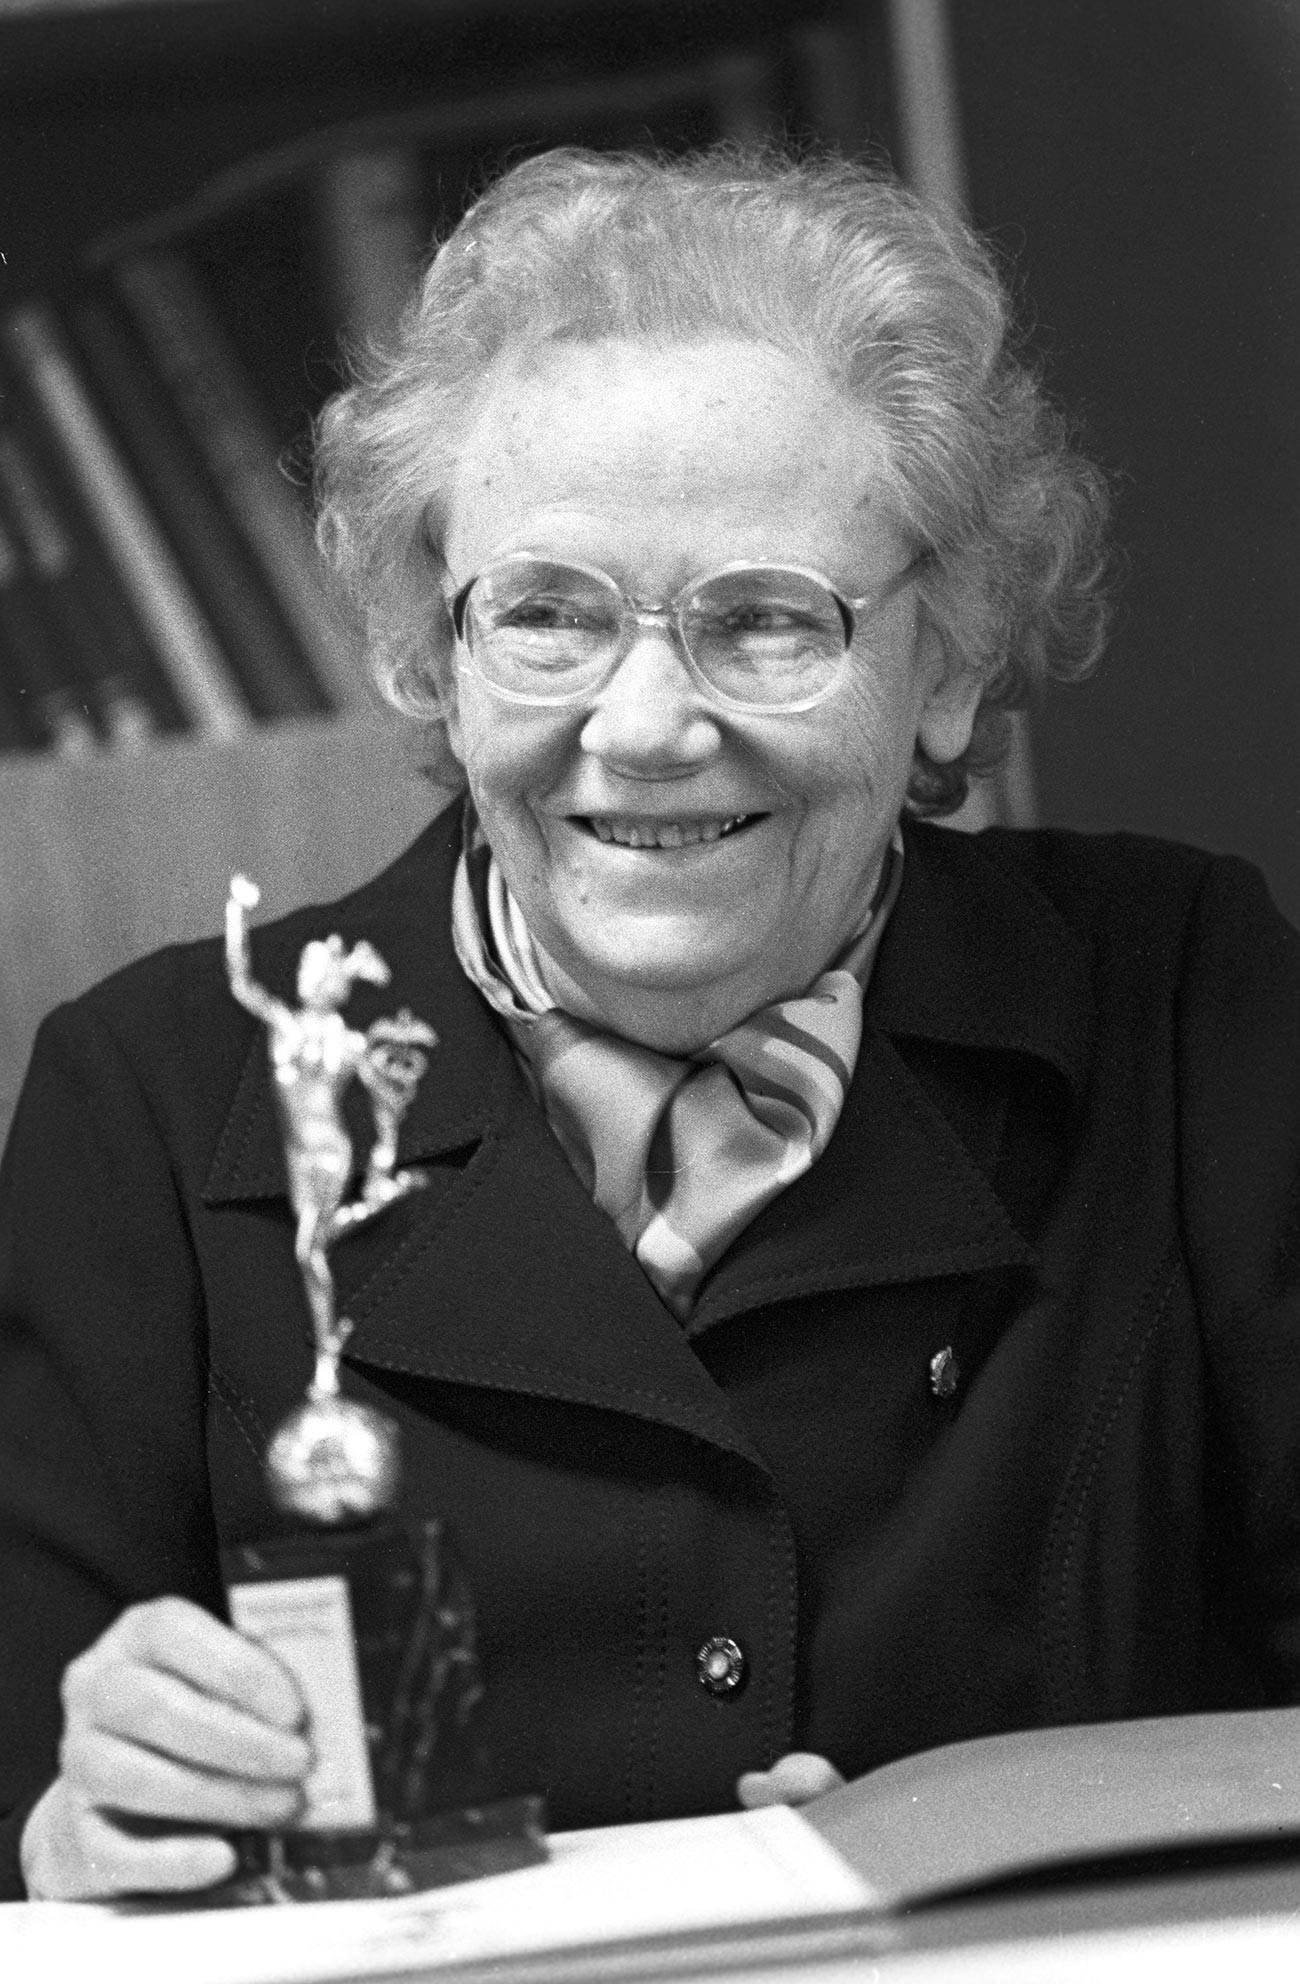 Maria Kovriguina, alors directrice de l'Institut central de perfectionnement des médecins, et la statuette du Mercure d'or, prix de l'Institut remis pour la réussite de sa collaboration internationale